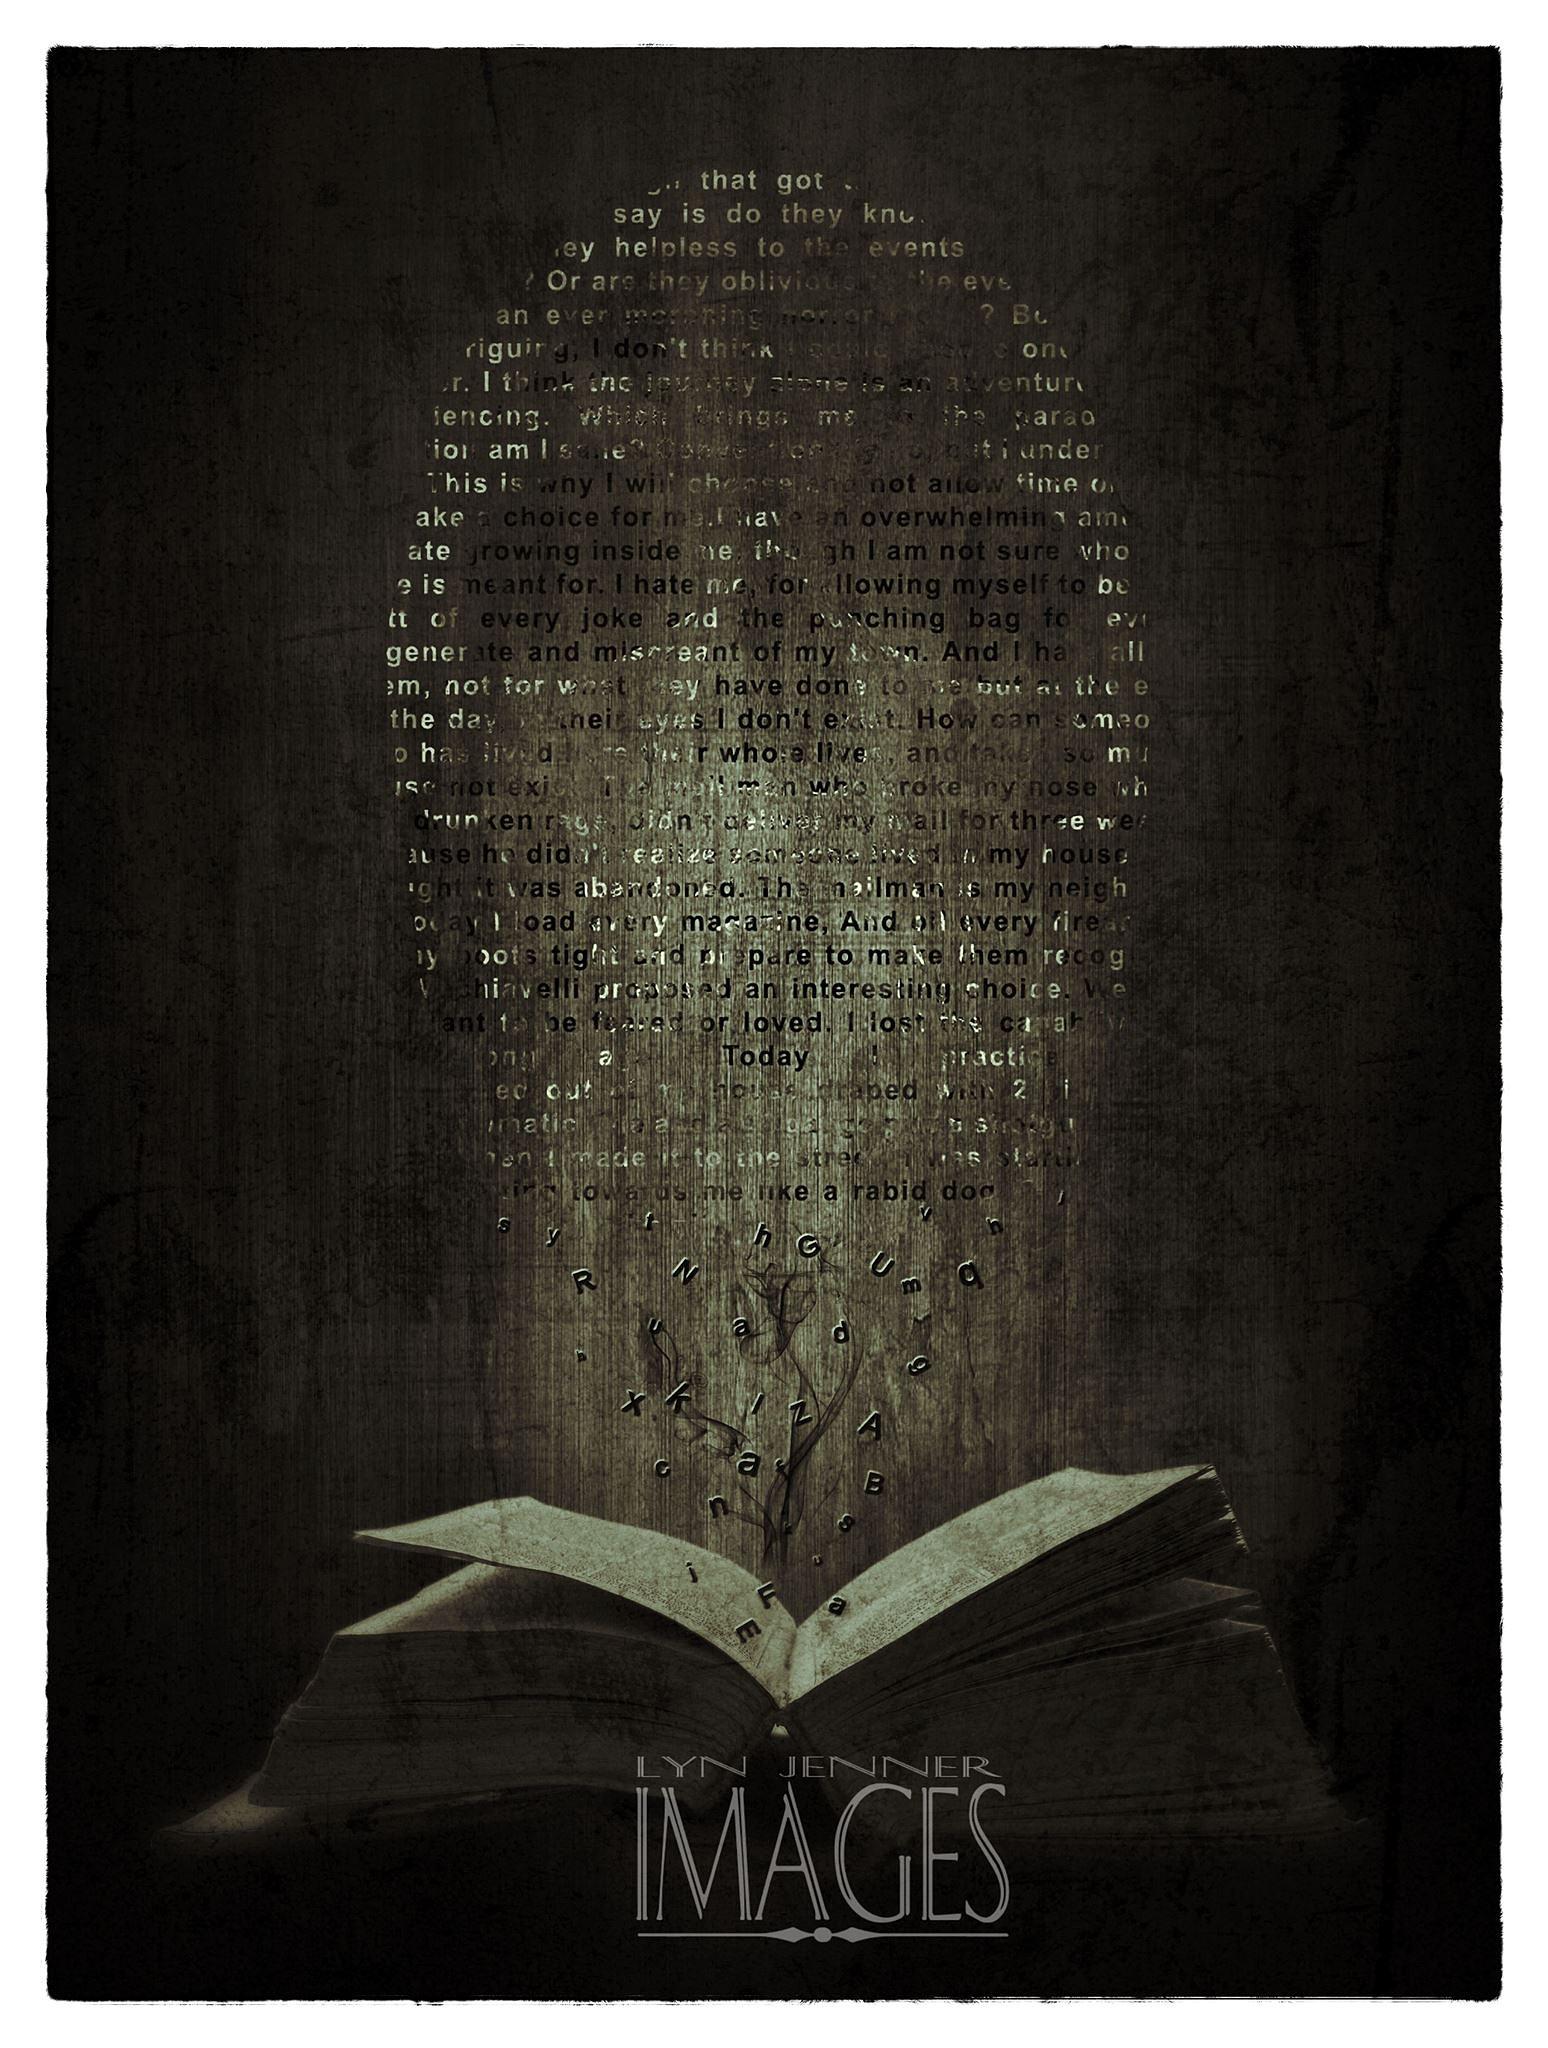 Book of Skulls by lynjenner927